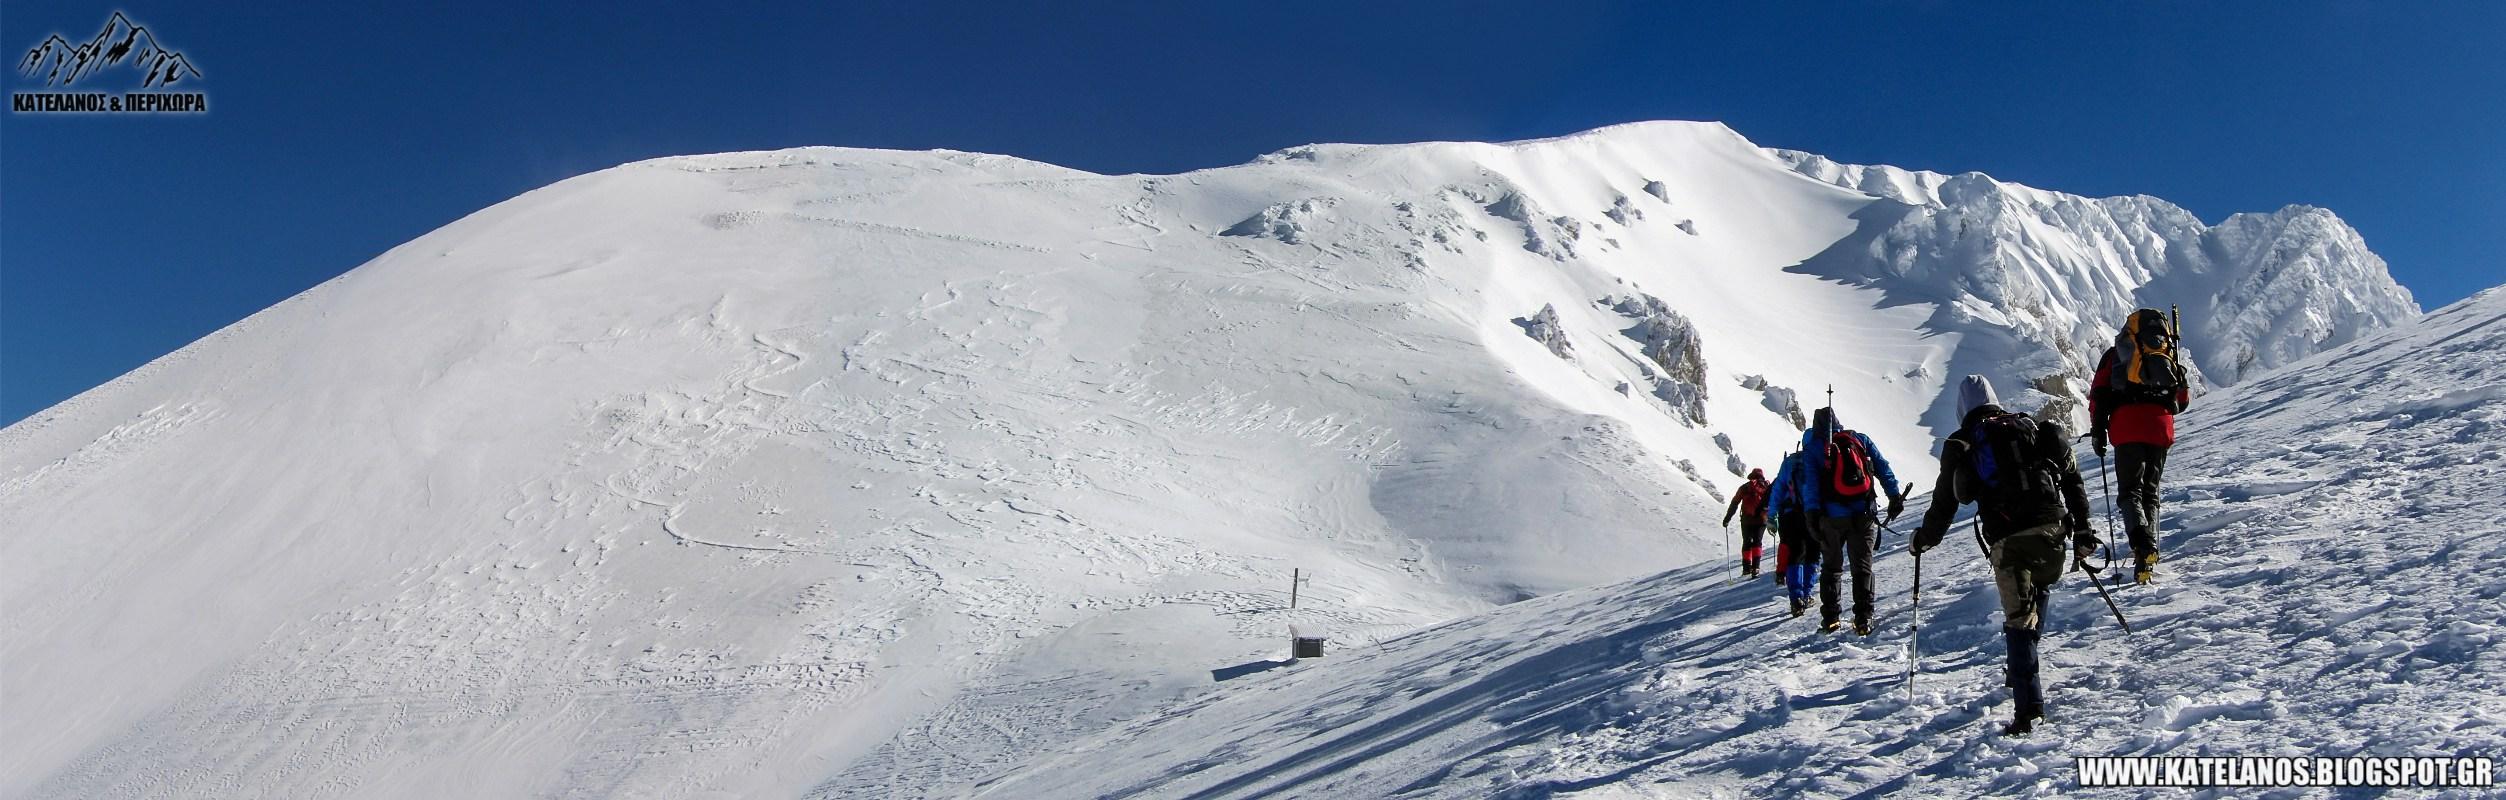 βελουχι ψηλη κορυφη σεϊντανι τυμφρηστός χειμωνας χιονια